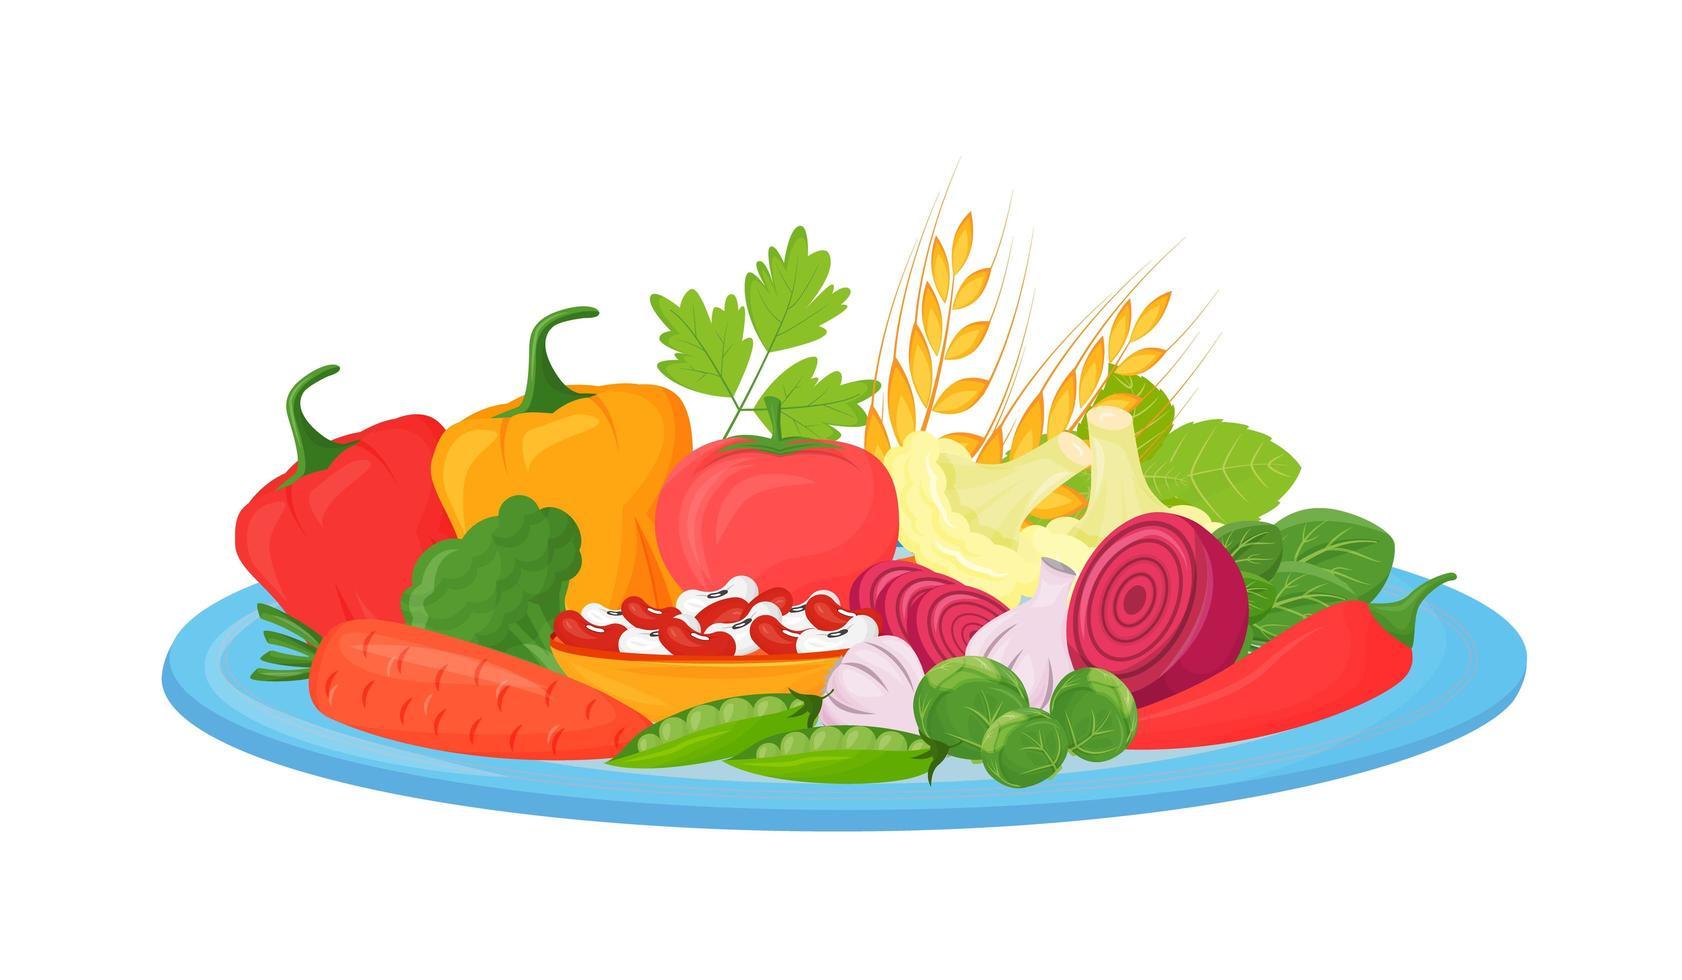 verduras crudas en un plato vector